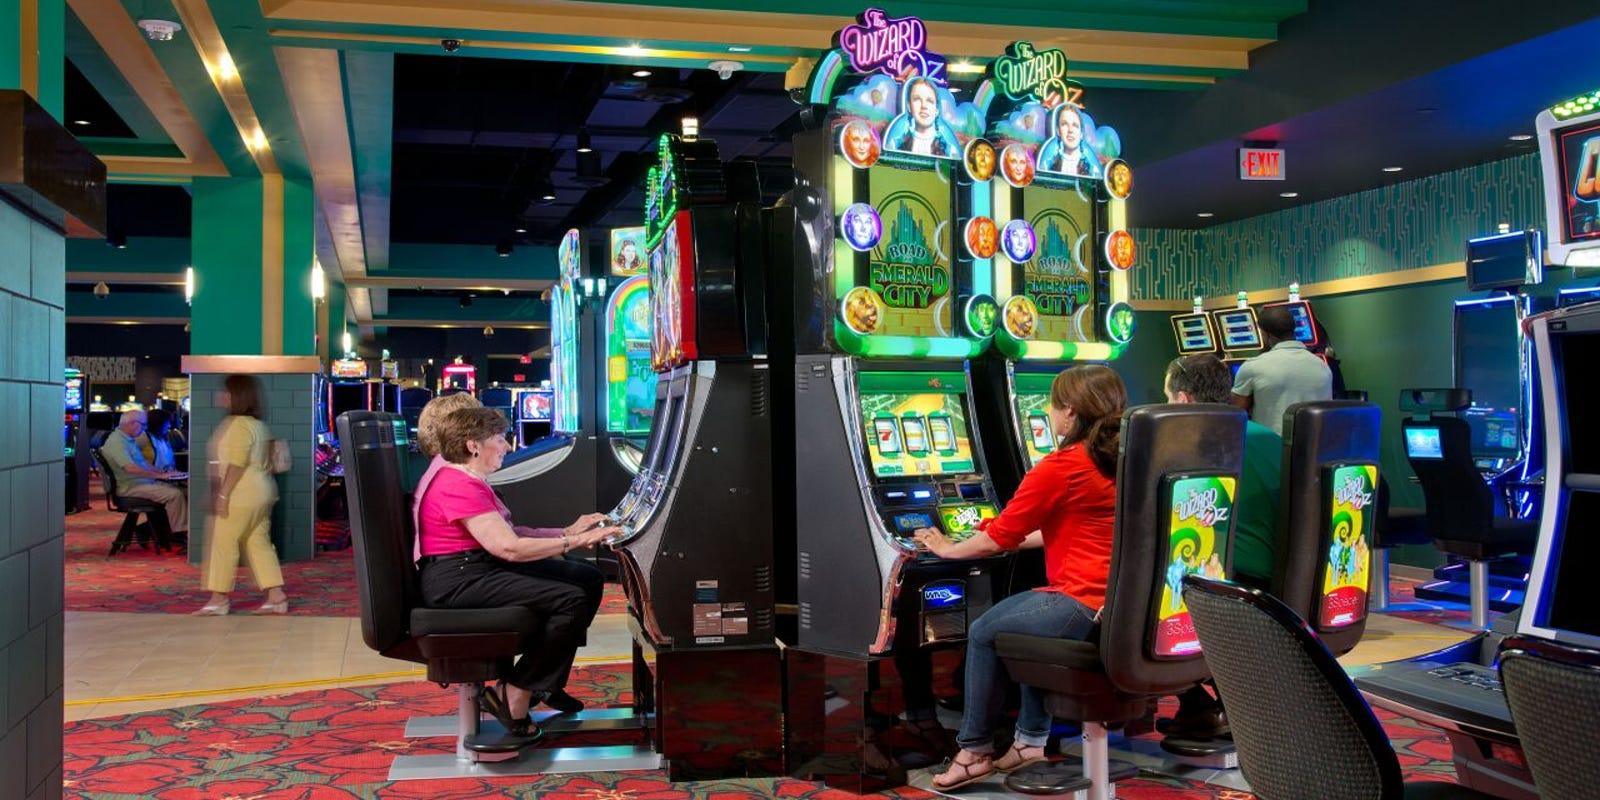 Recension av 1live casino på nätet